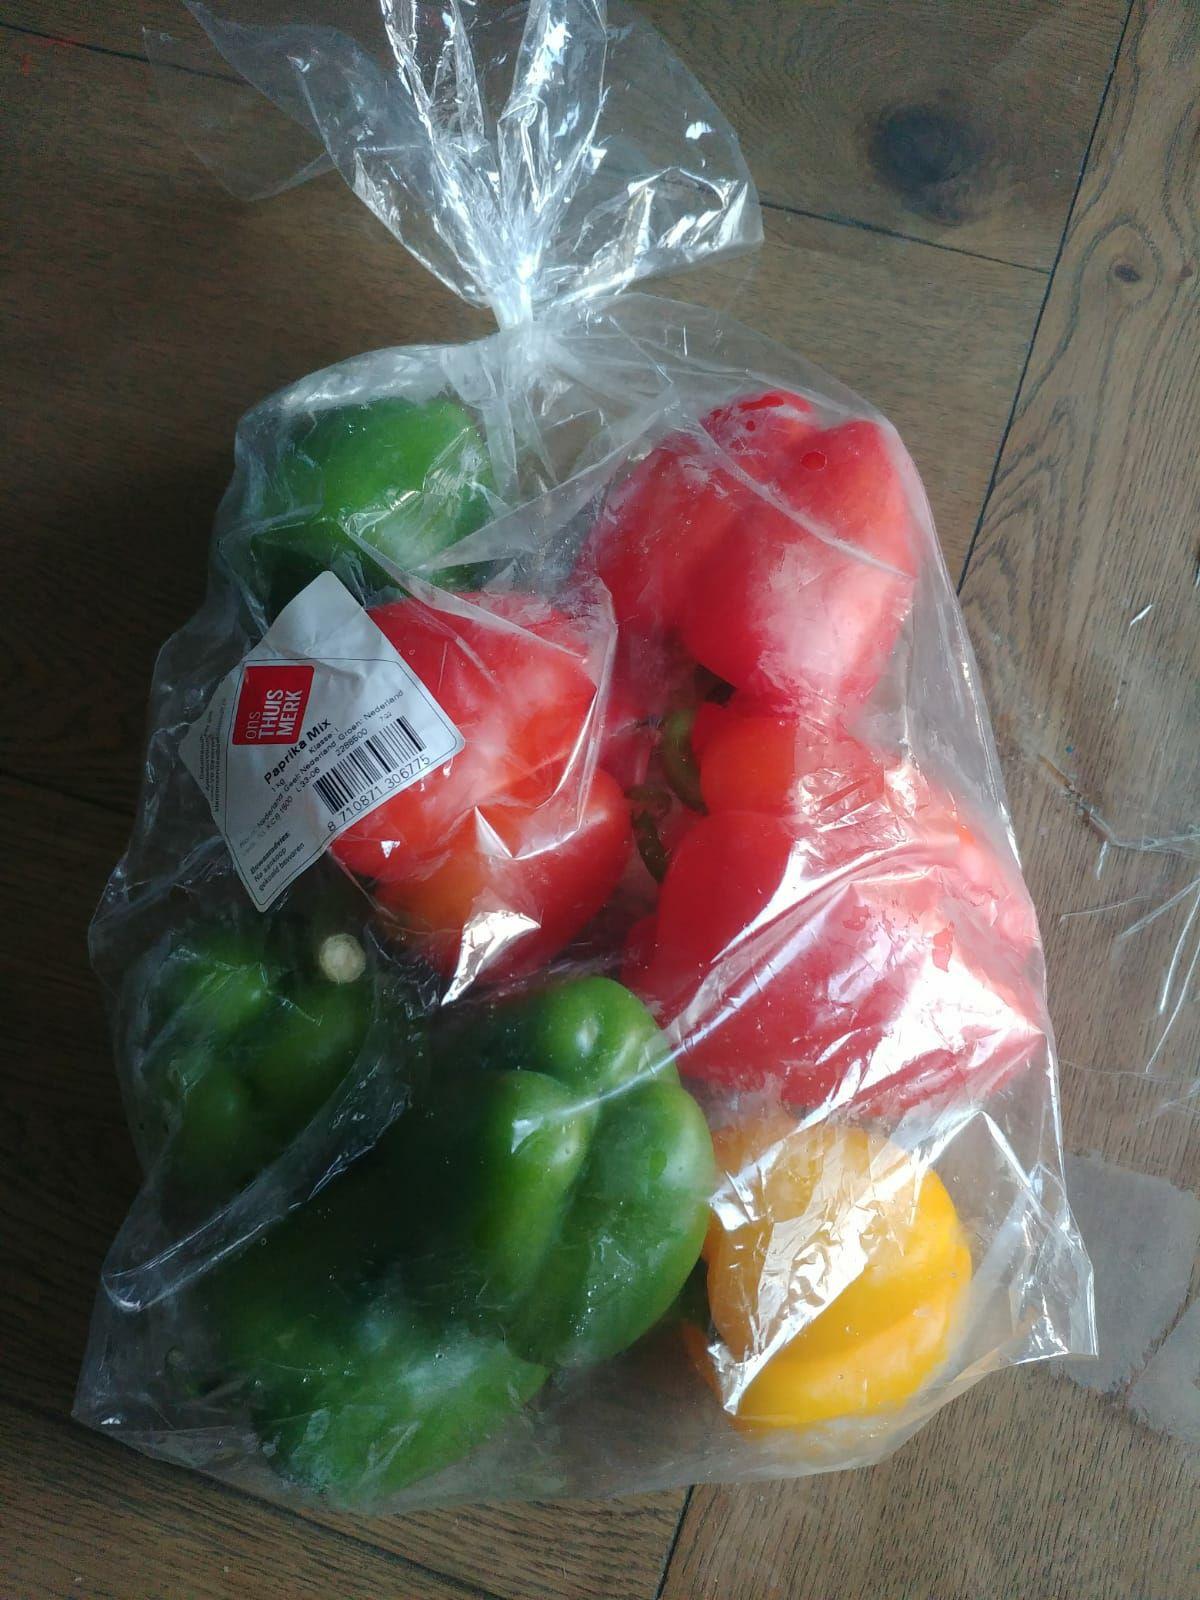 Delft/Goes: Dirk voordeel zak 8x paprika's (1-1,2kg) voor 2eur.